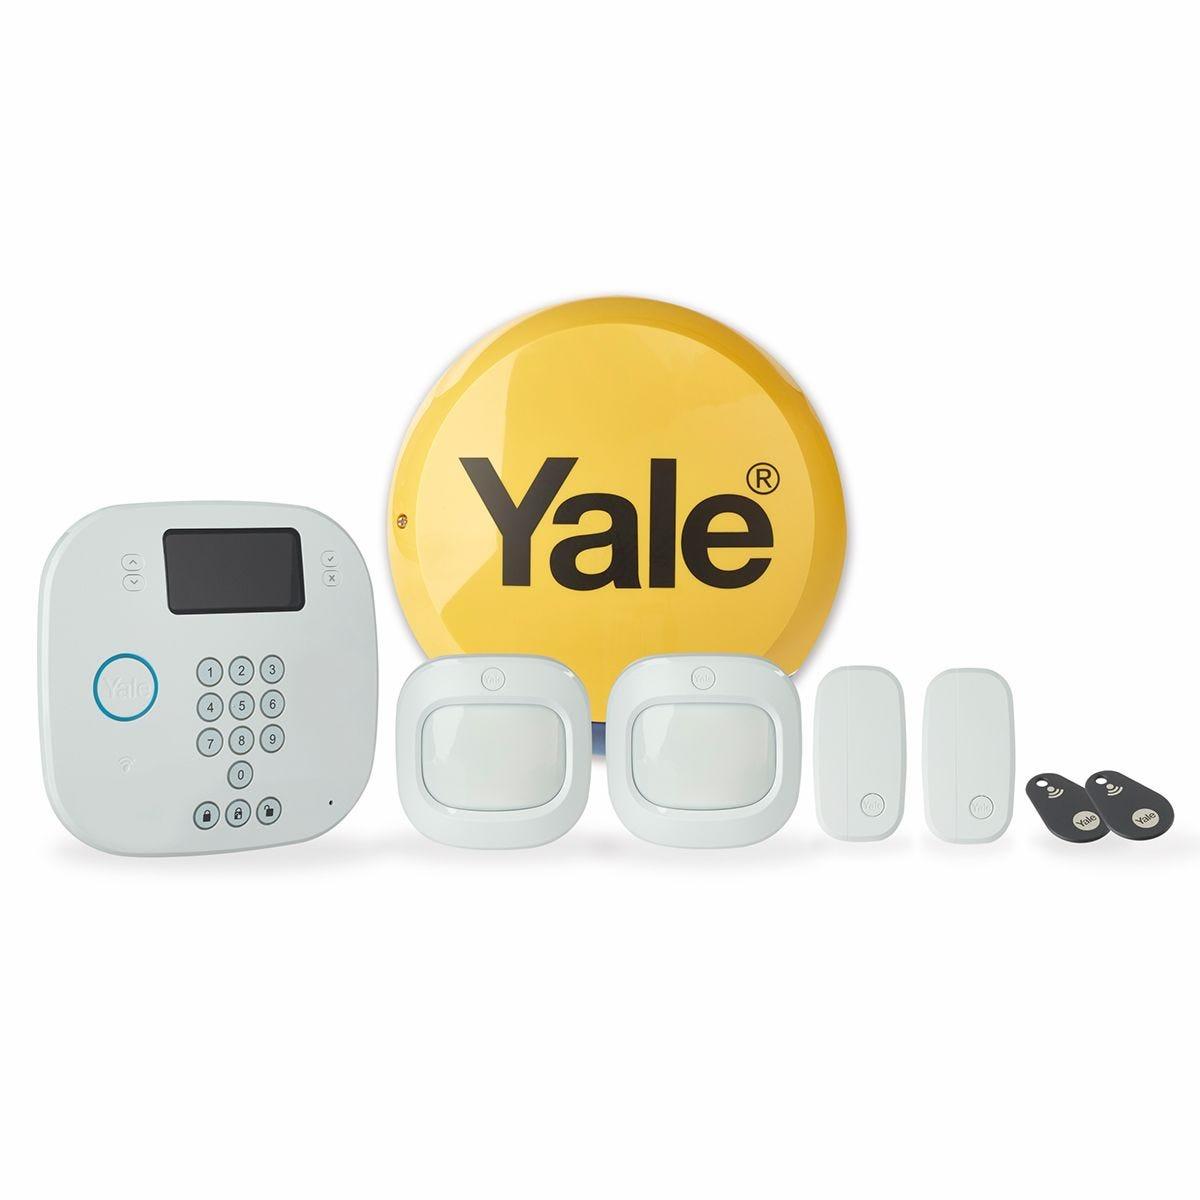 Yale Intruder Alert Alarm Kit